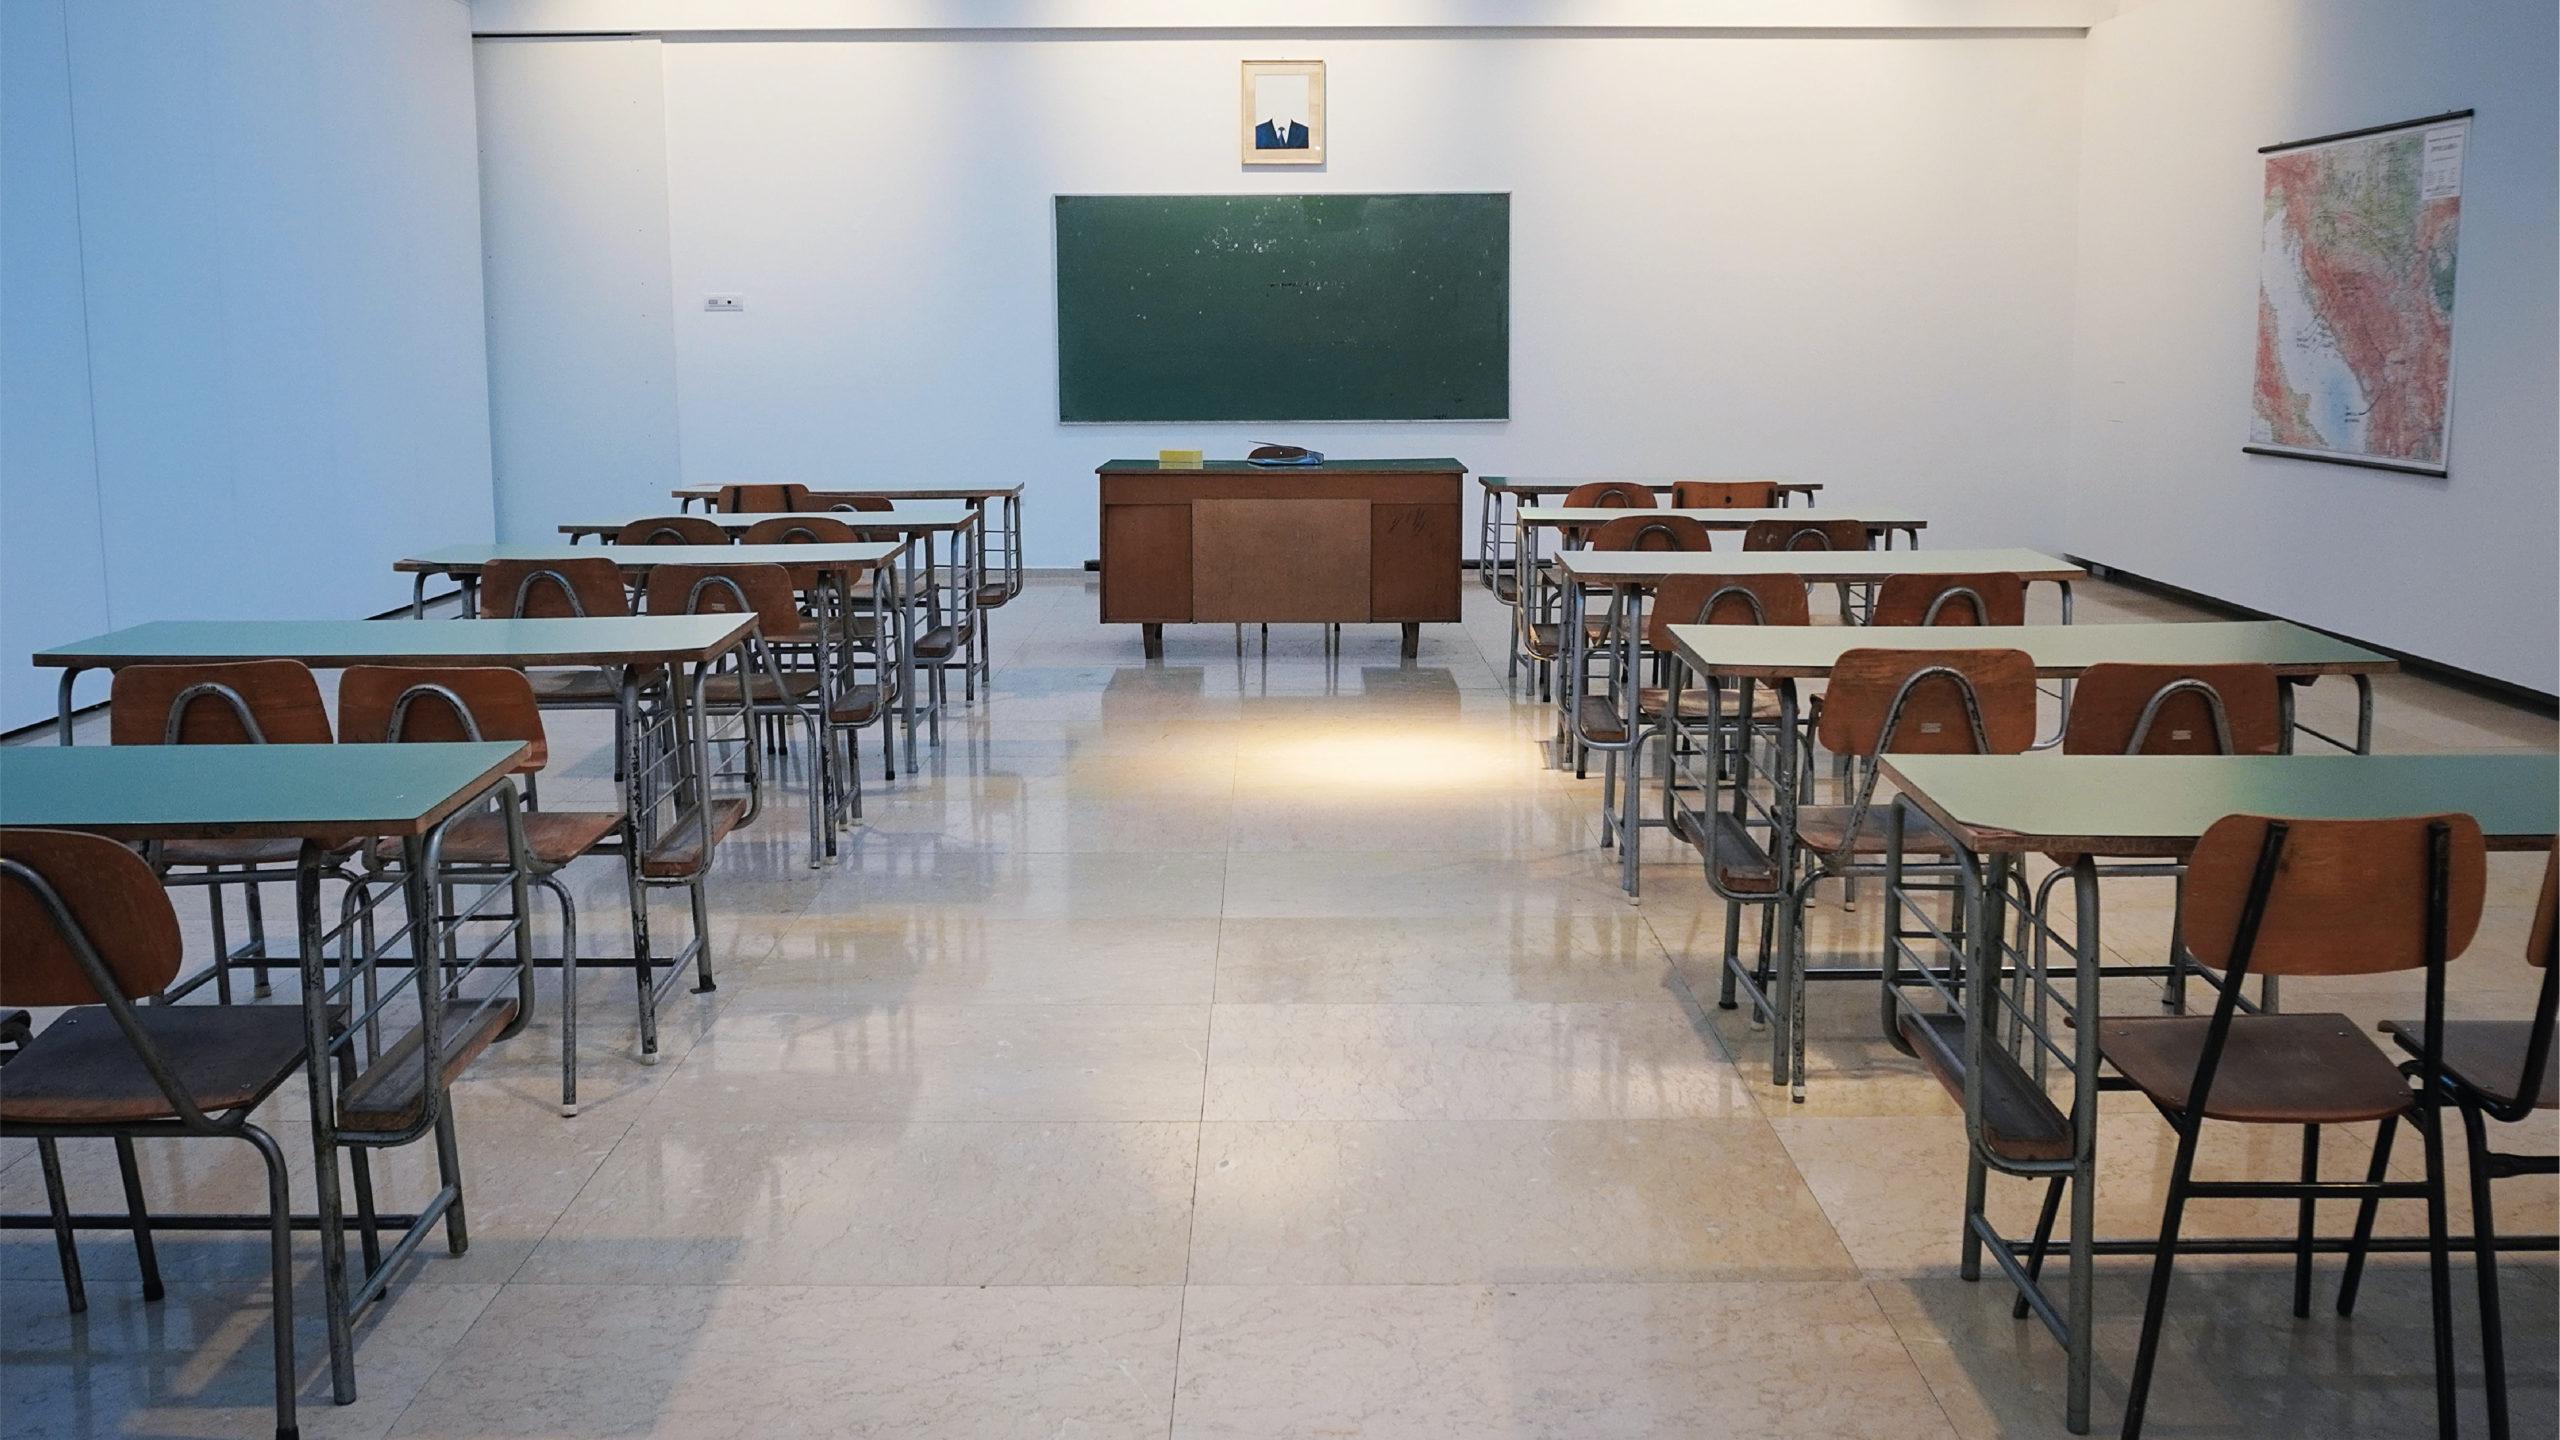 117 millones de alumnos siguen sin ir a clases por la pandemia: Unesco